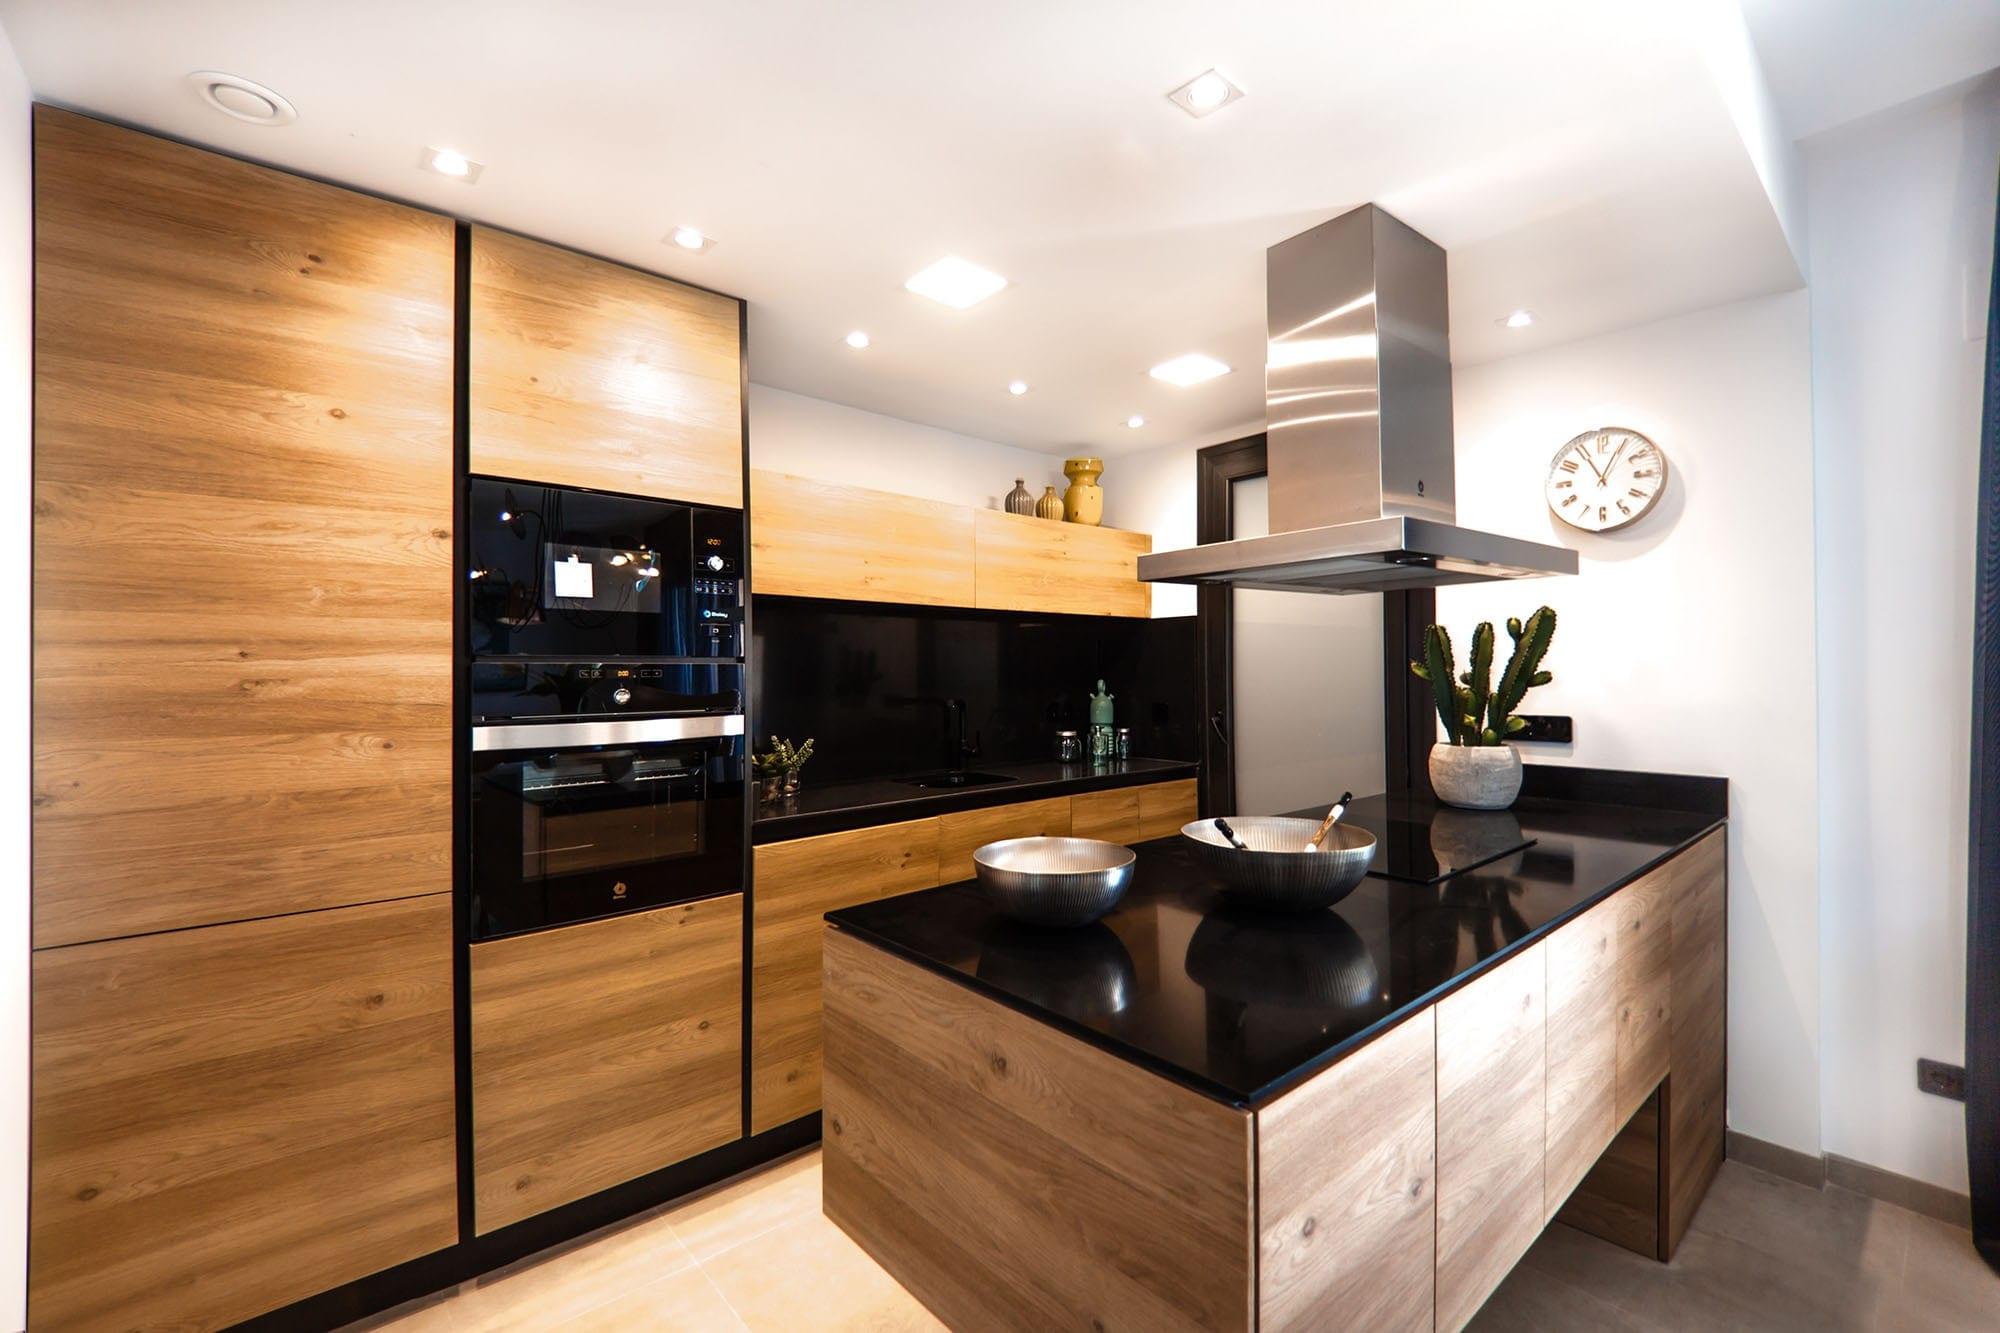 Cuisine en bois personnalisée par Wood-in Menuiserie